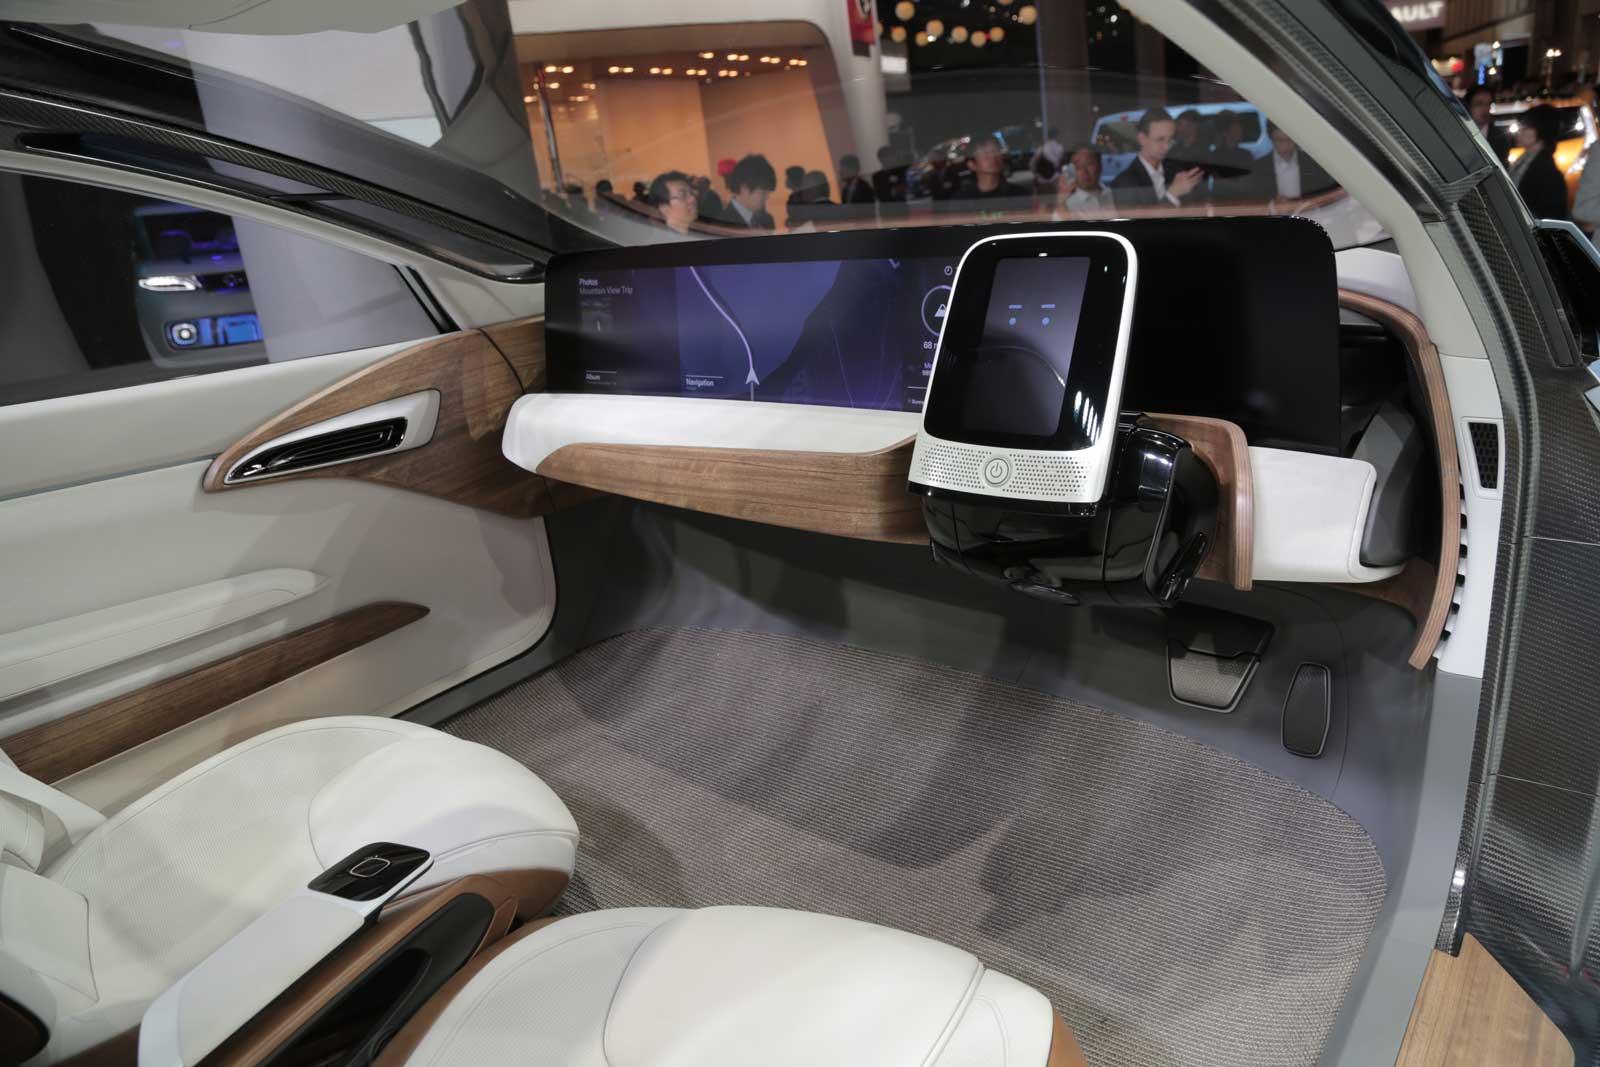 Le auto senza conducente potranno diventare presto realtà